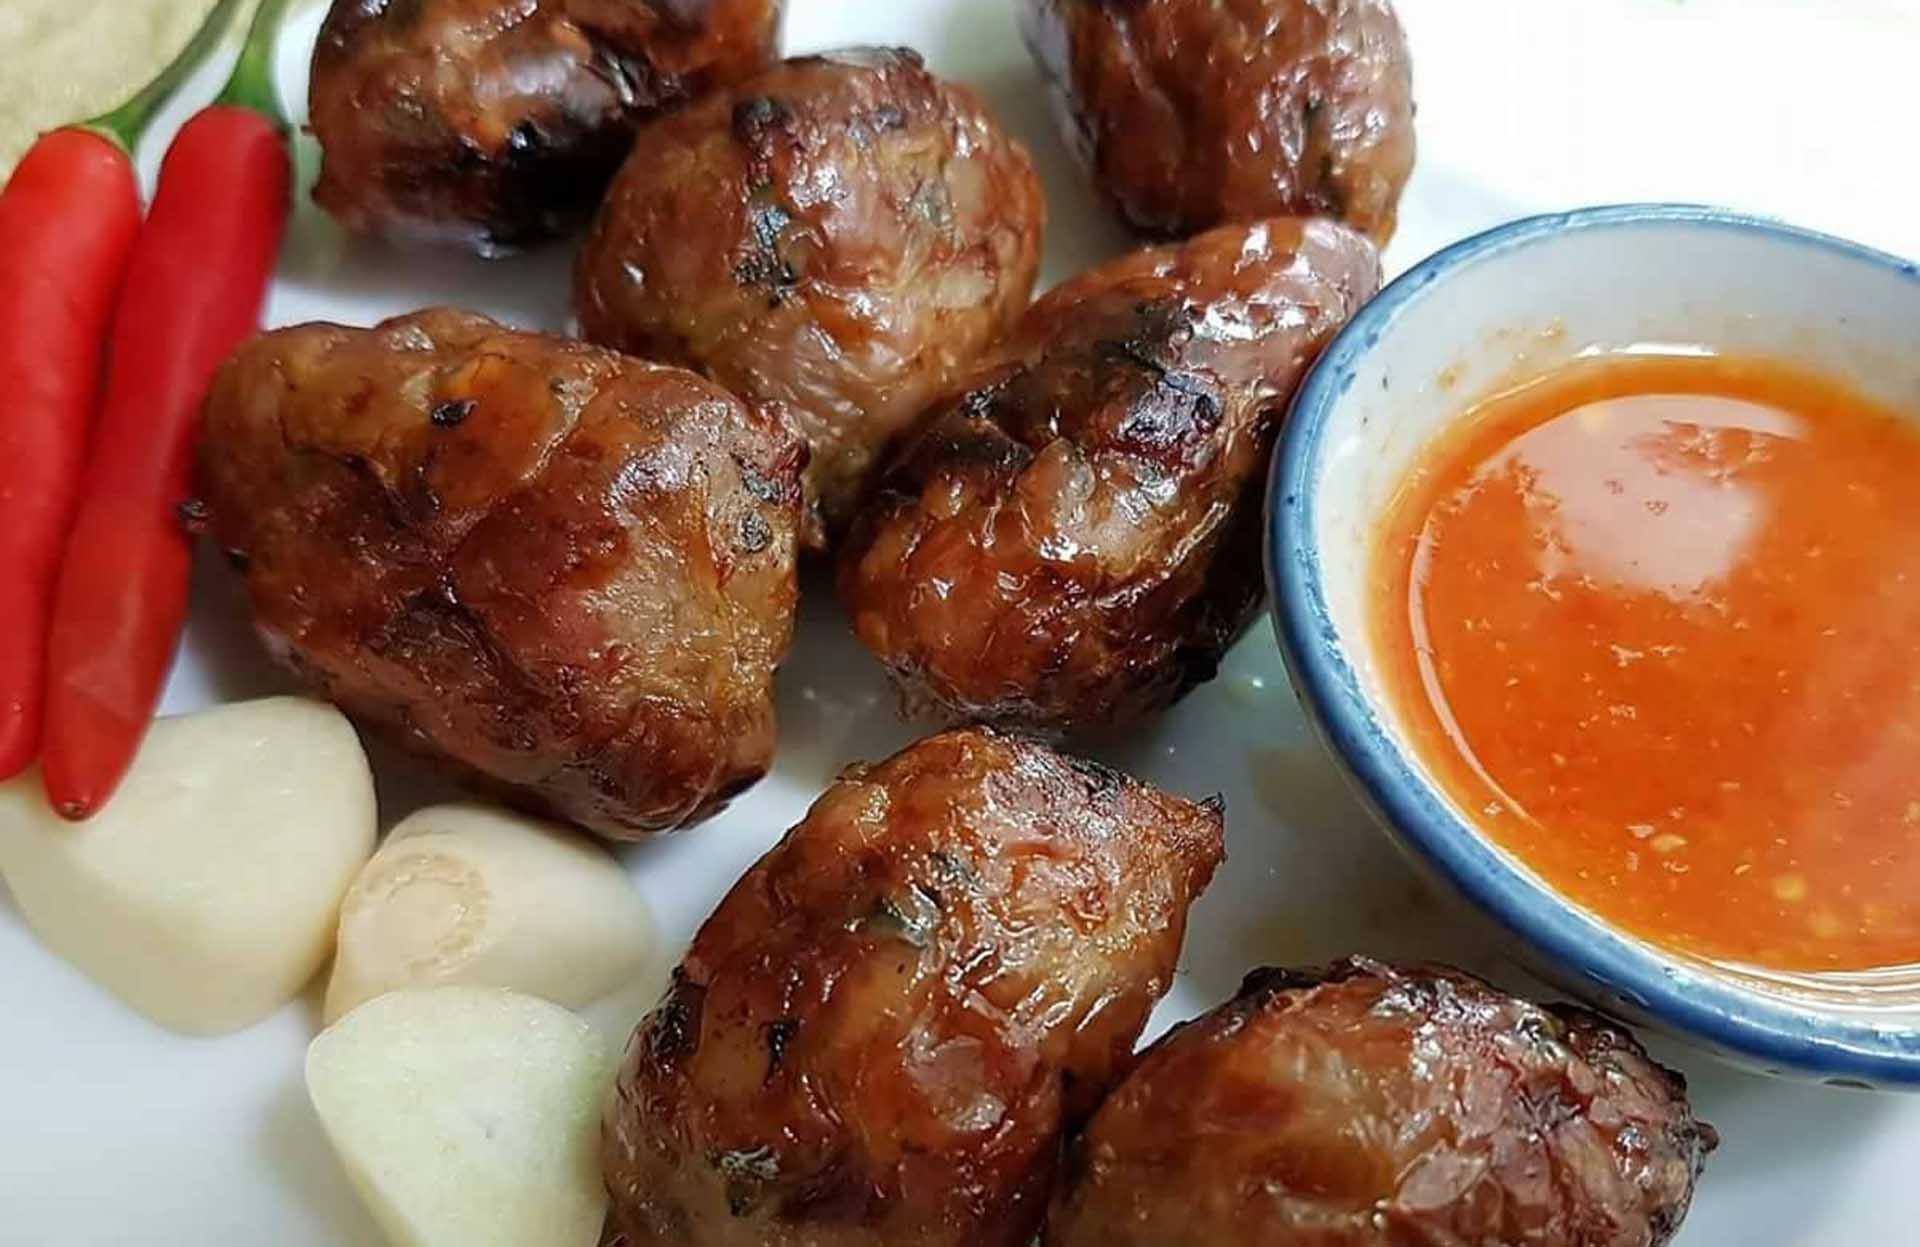 莎麗家自製的泰式香腸「非比尋腸」,配上辣椒薑片以及綠胡椒一起吃,又香又過癮,吃到會冒汗。(圖/莎麗家庭料理FB)